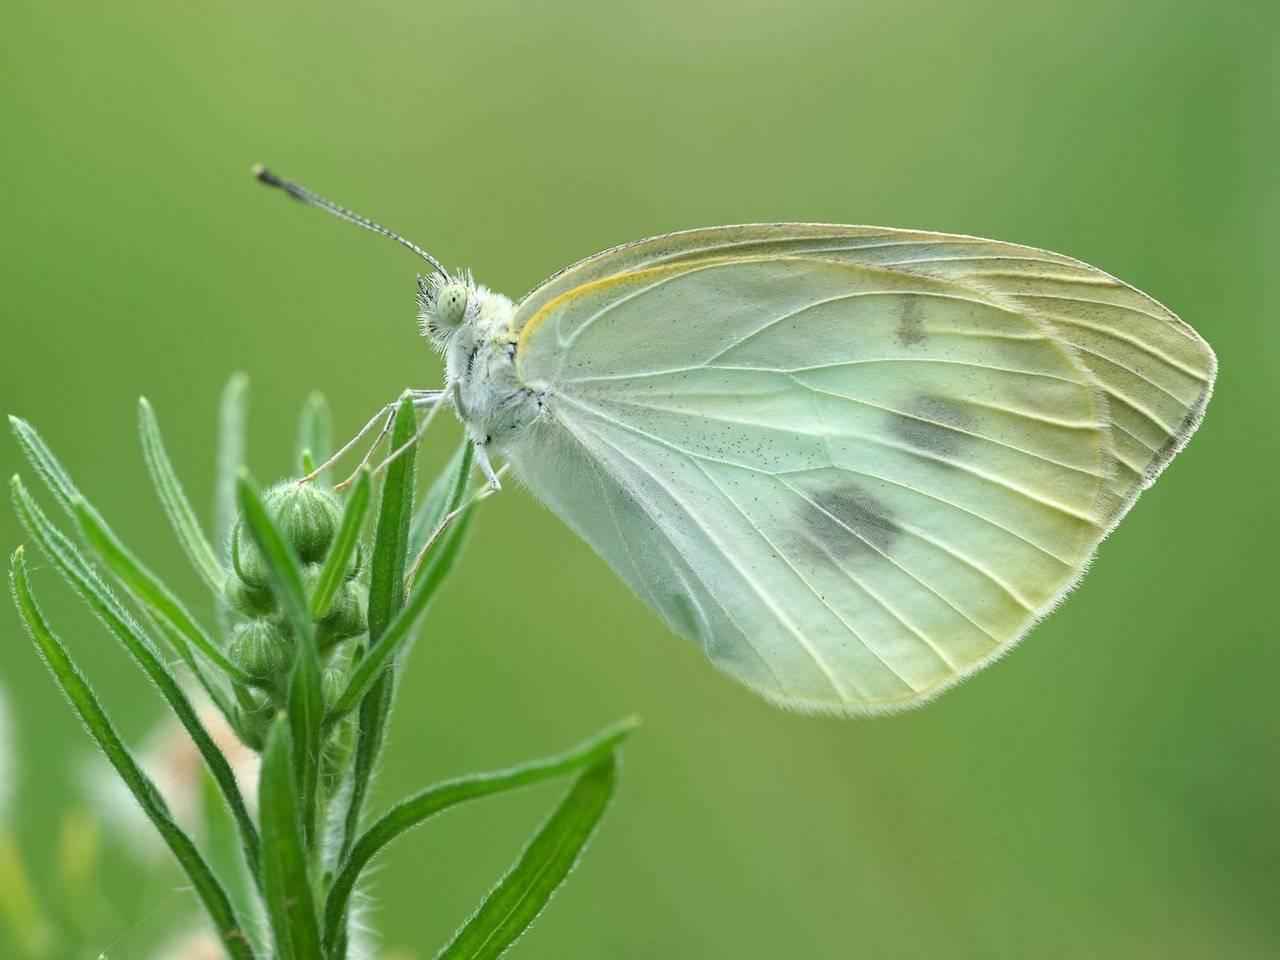 Капустница (капустная белянка): бабочка, уничтожающая урожай